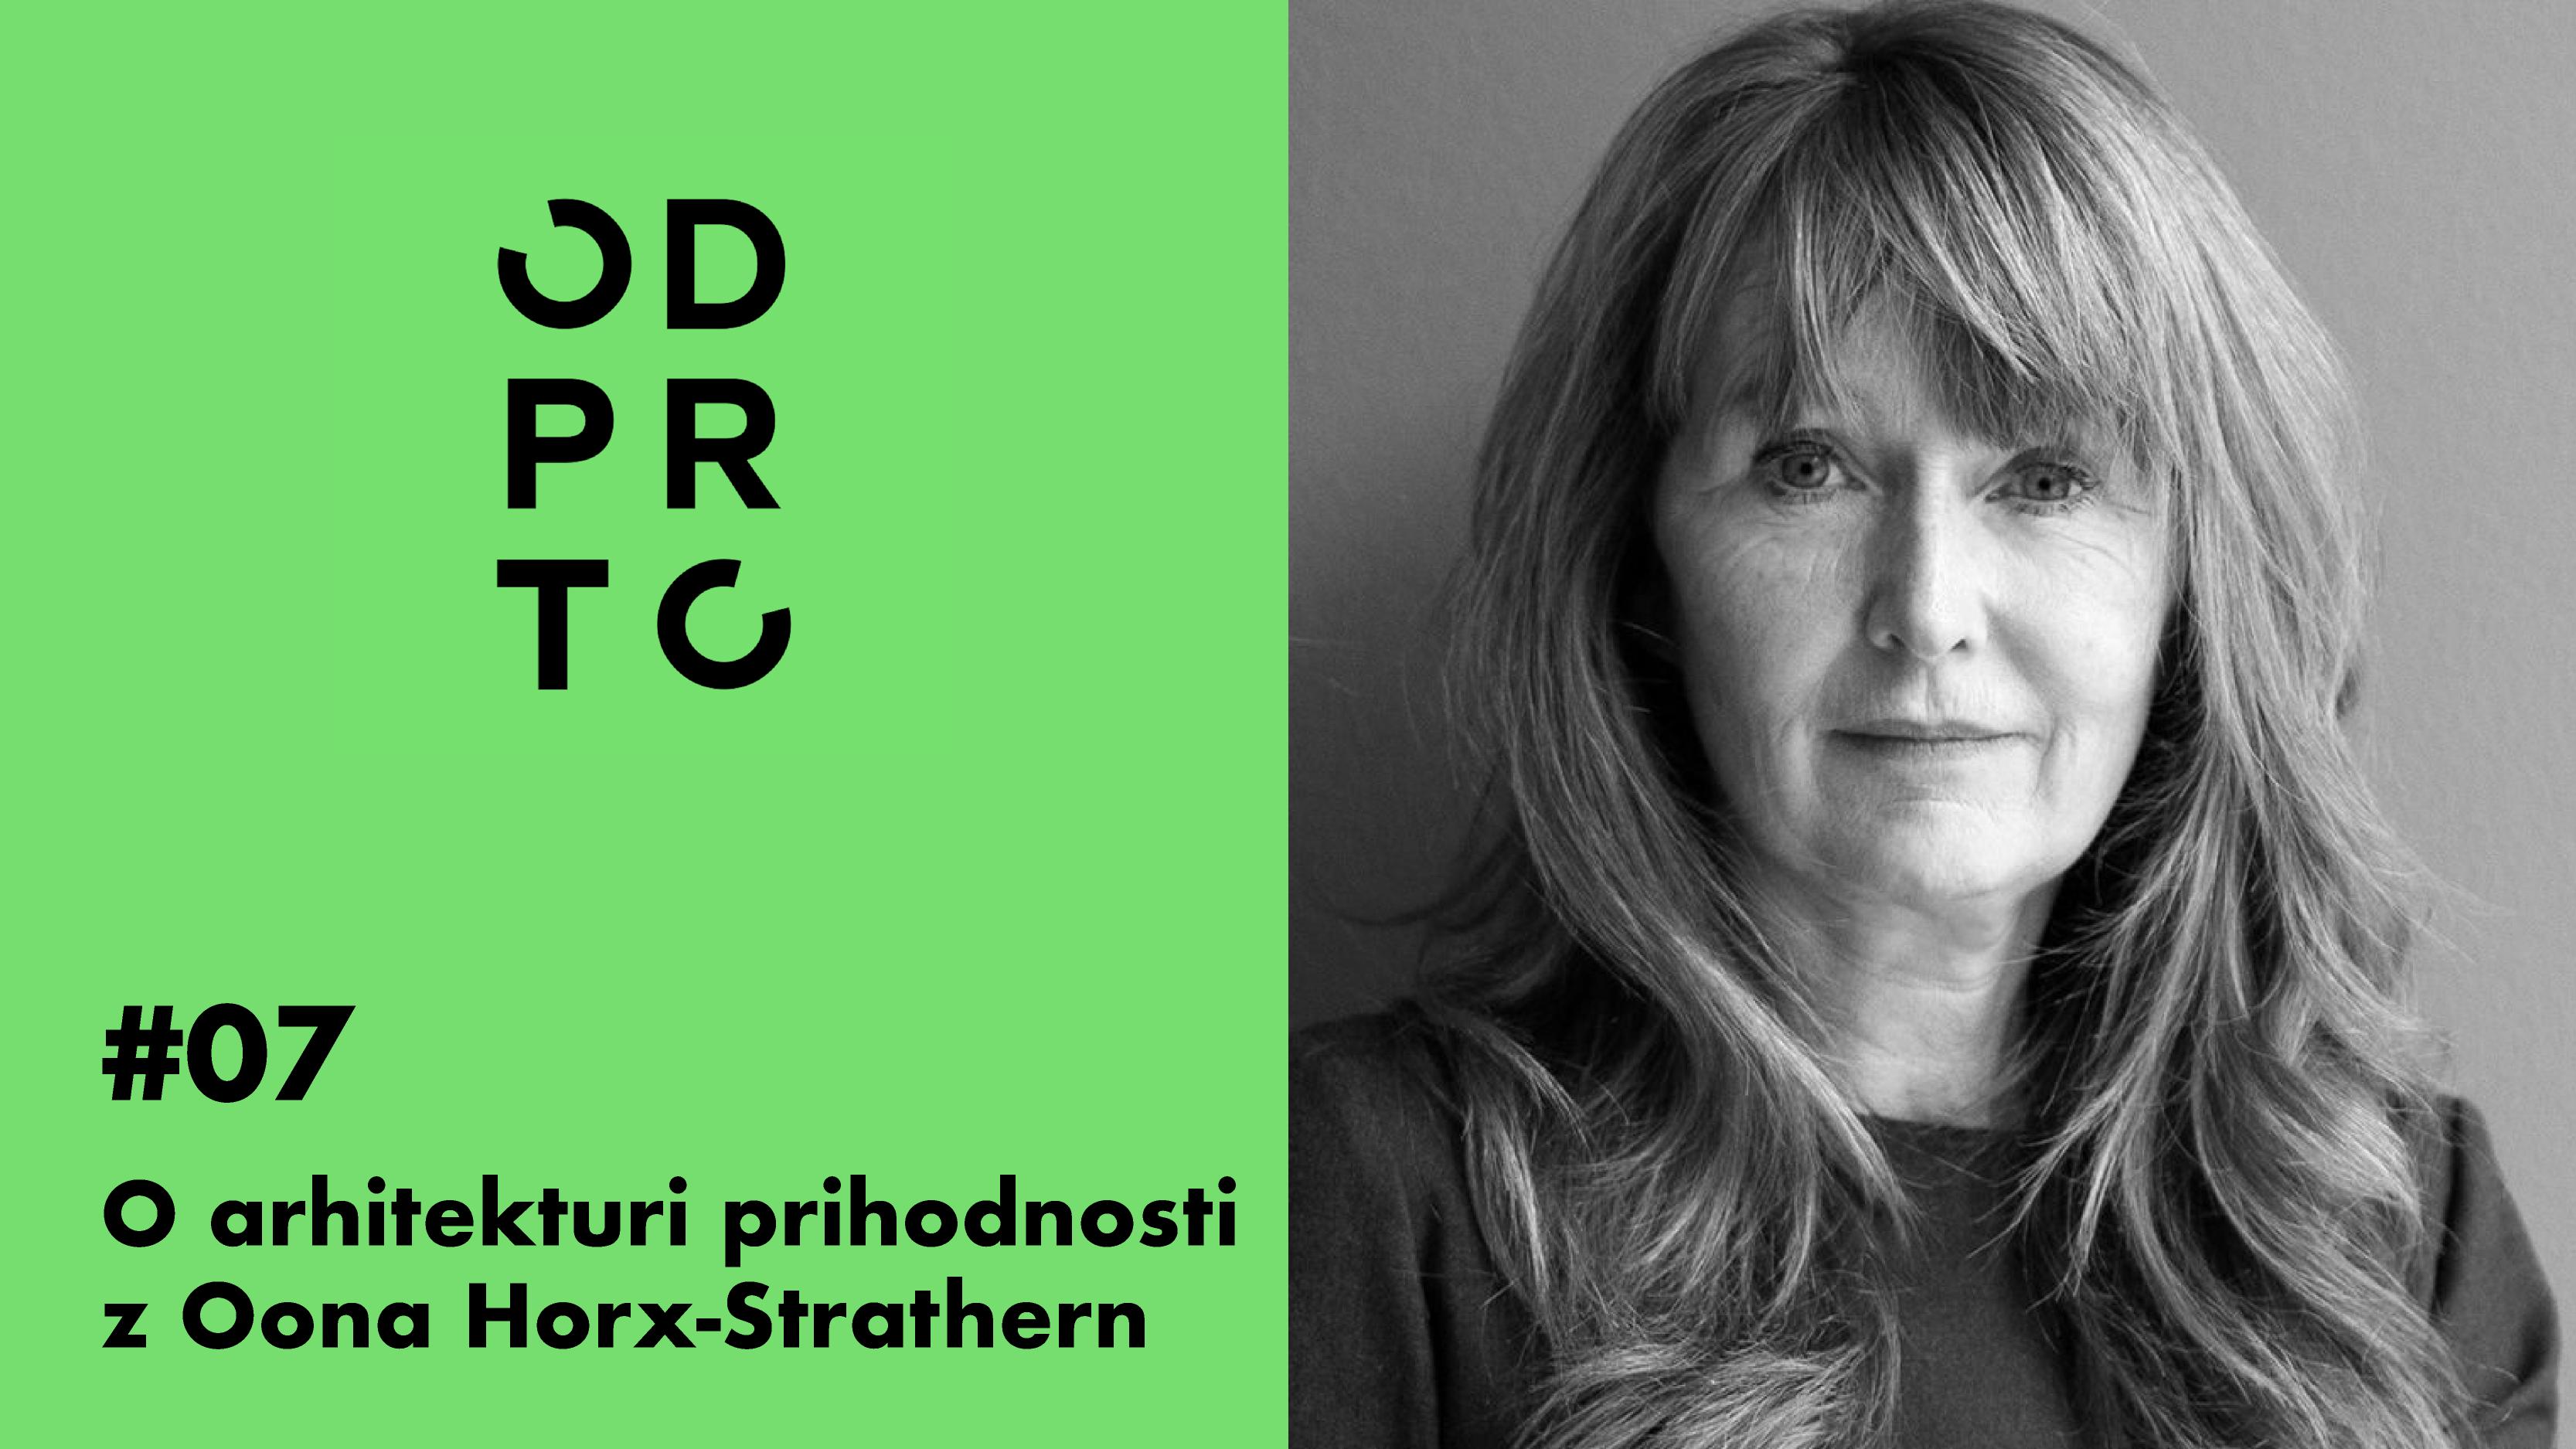 O ARHITEKTURI PRIHODNOSTI Z OONO HORX-STRATHERN – Podkast ODPRTO #07